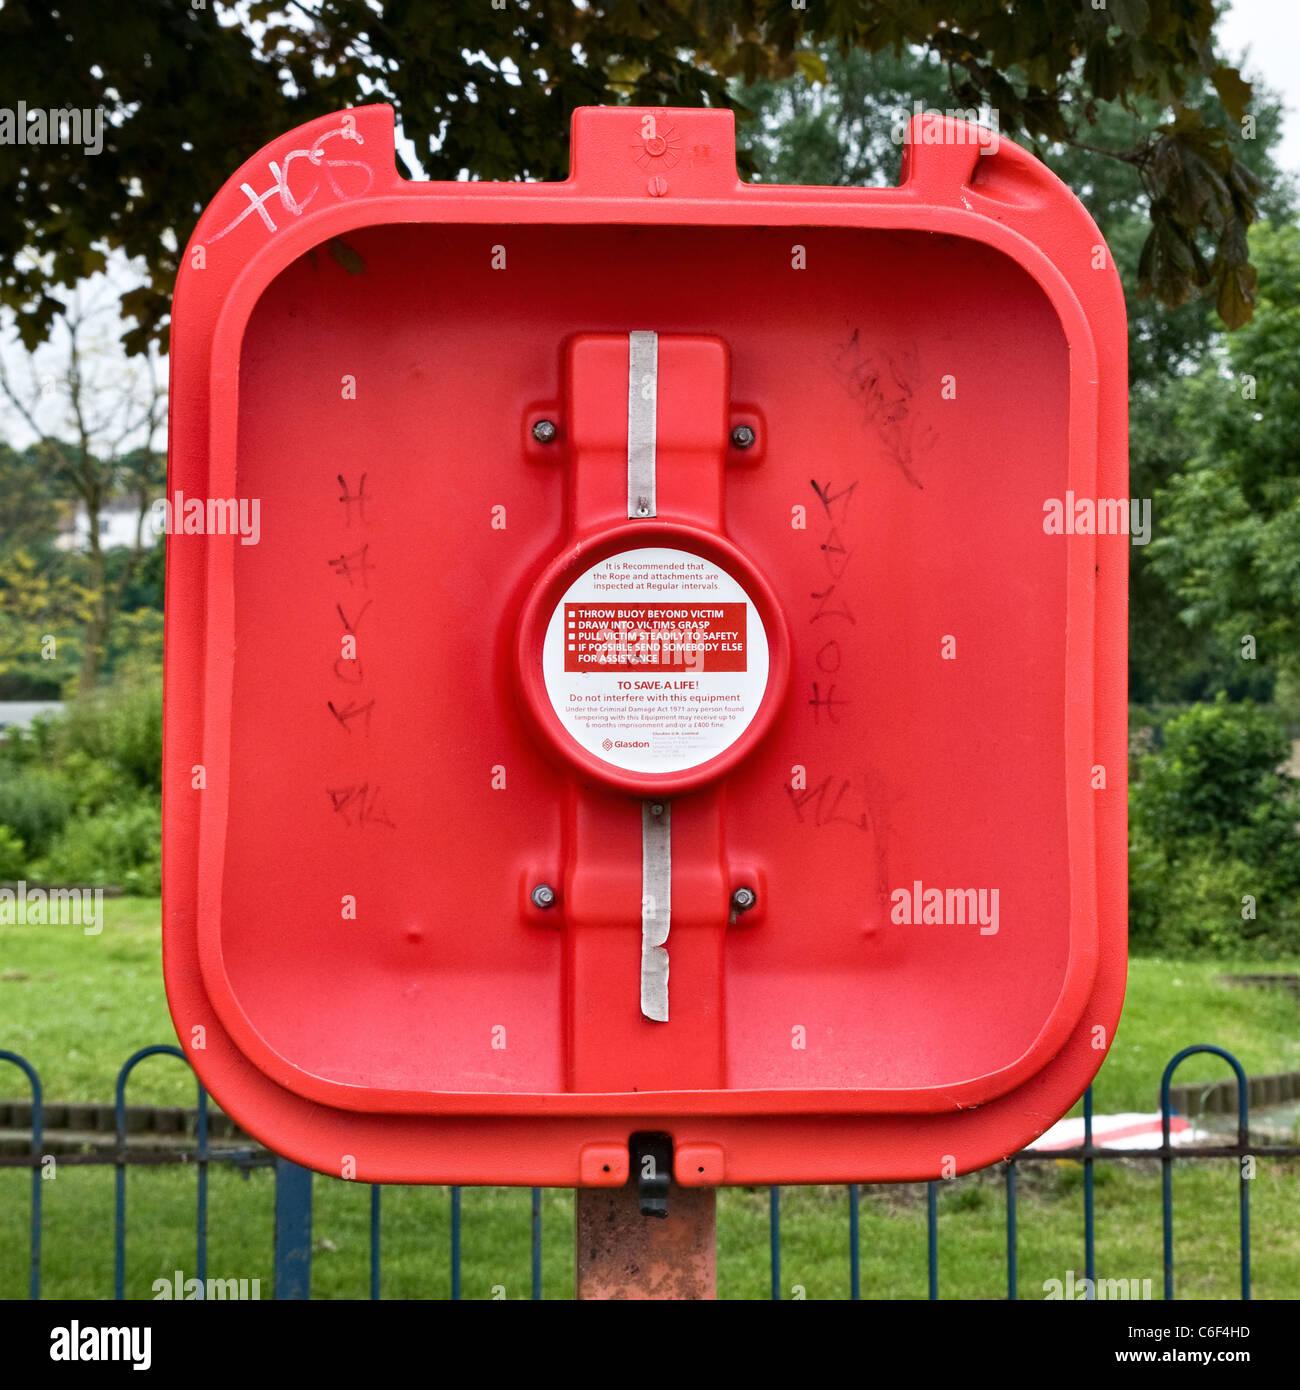 Vandalized swimming life saving buoyancy aid box - Stock Image